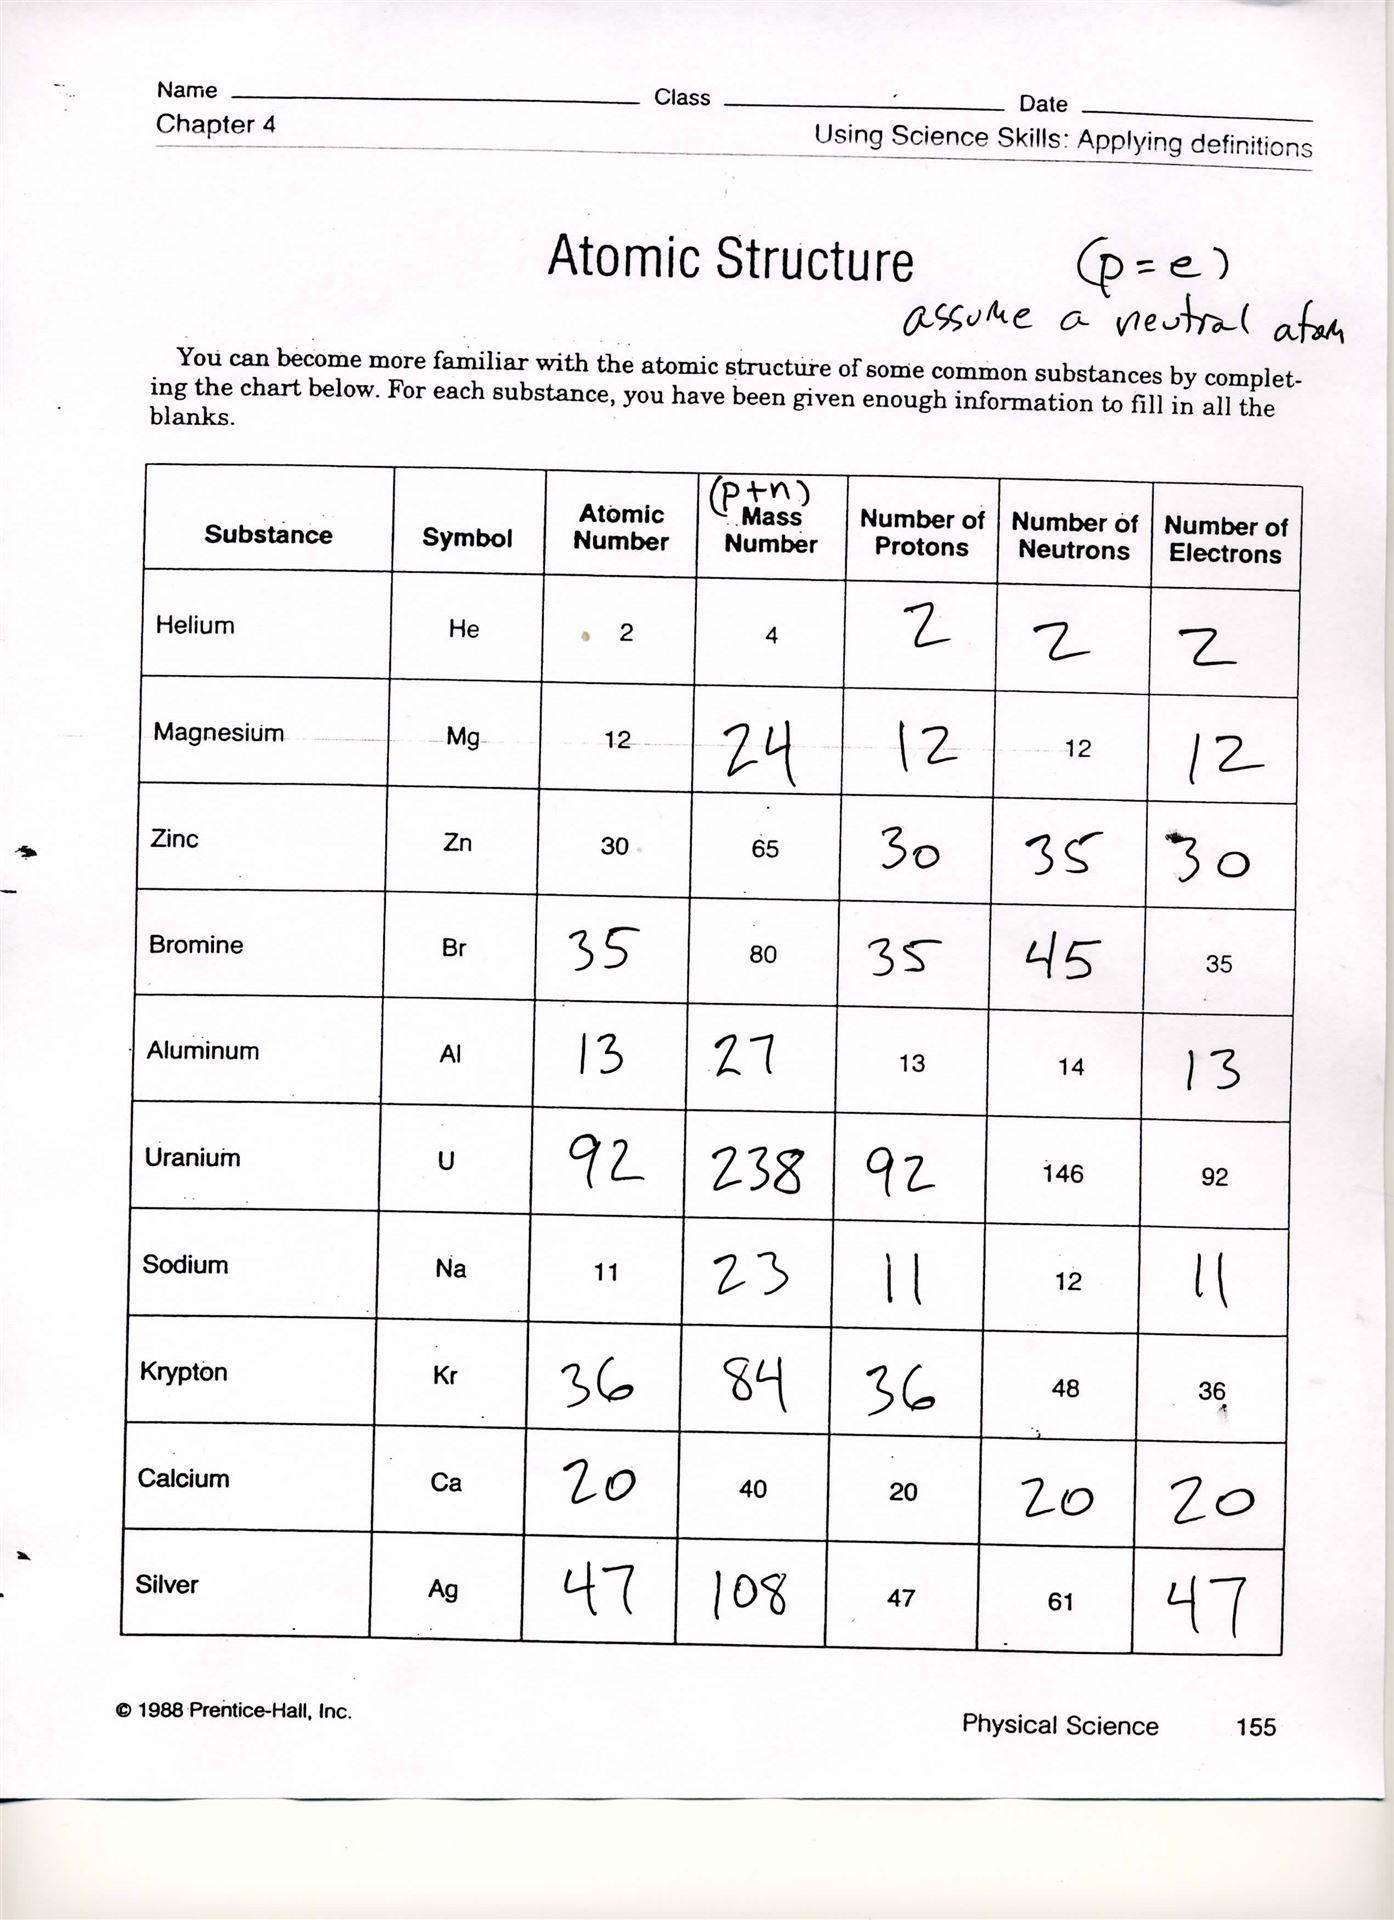 Atomic Structure Worksheet Pdf 31 atomic Structure Worksheet Answers Worksheet Project List